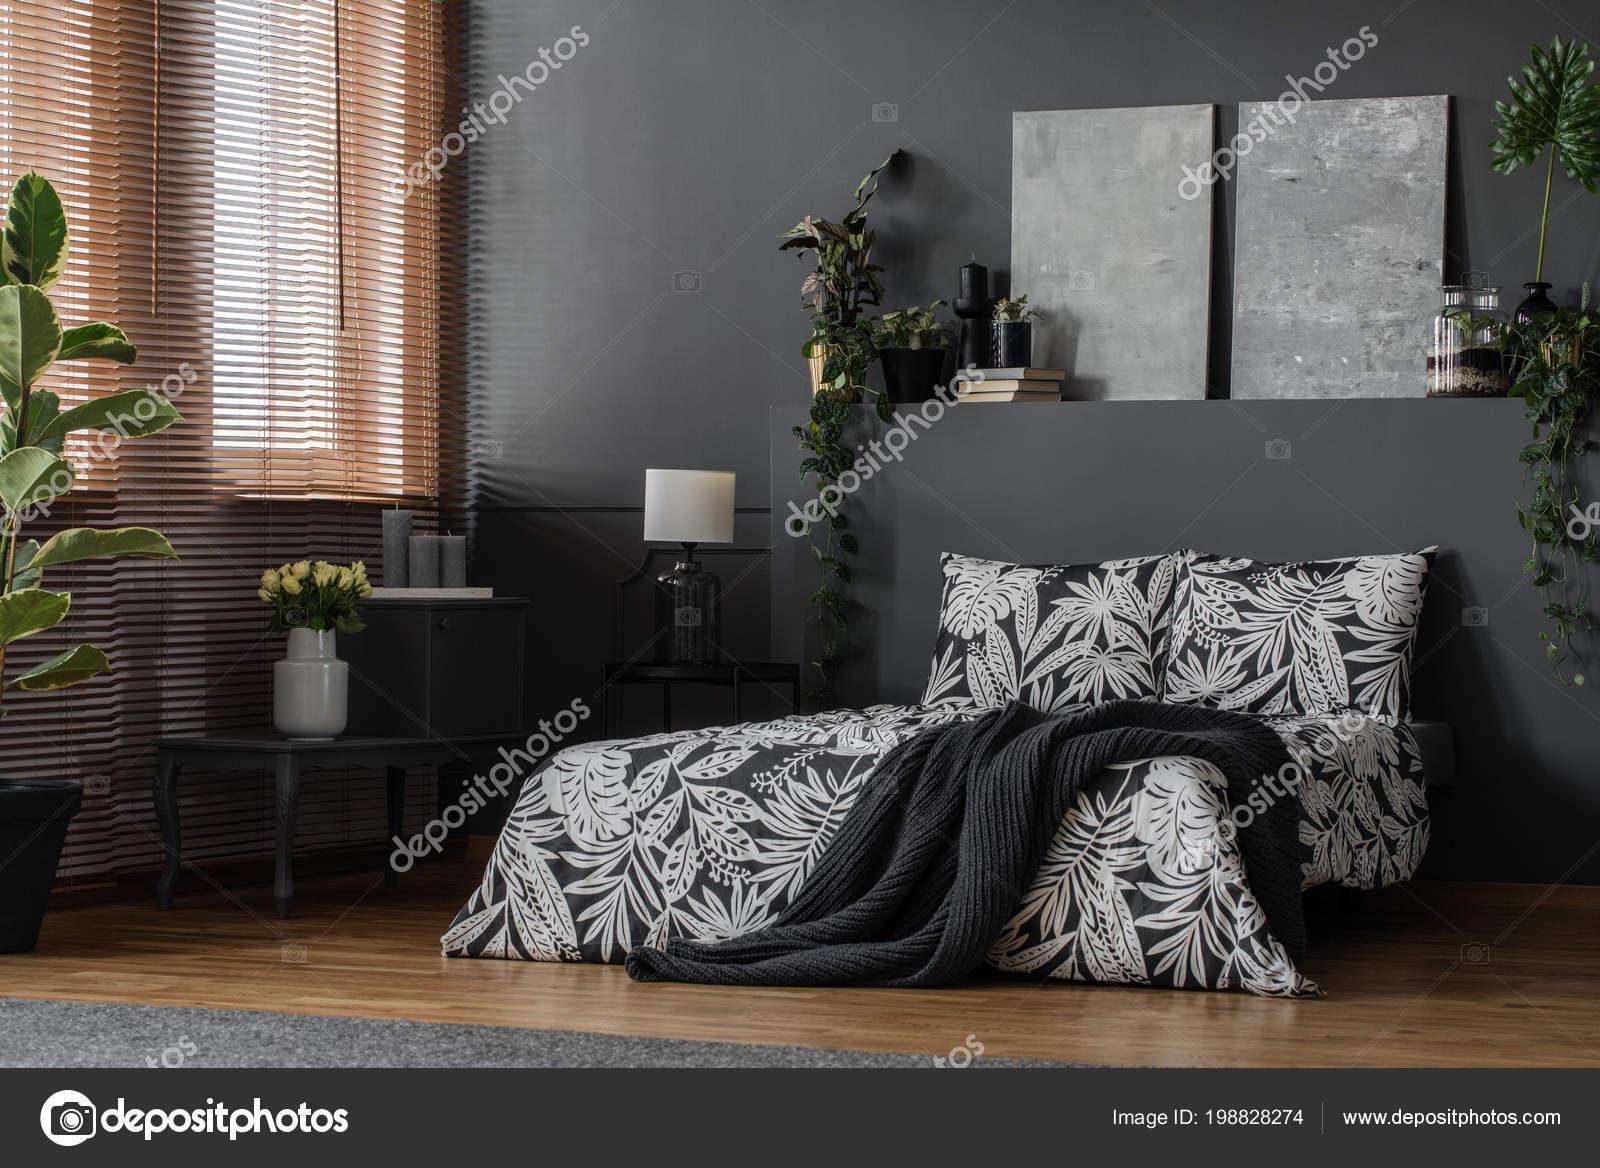 Minimalistisch grijze schilderijen elegant meubilair decoratie een